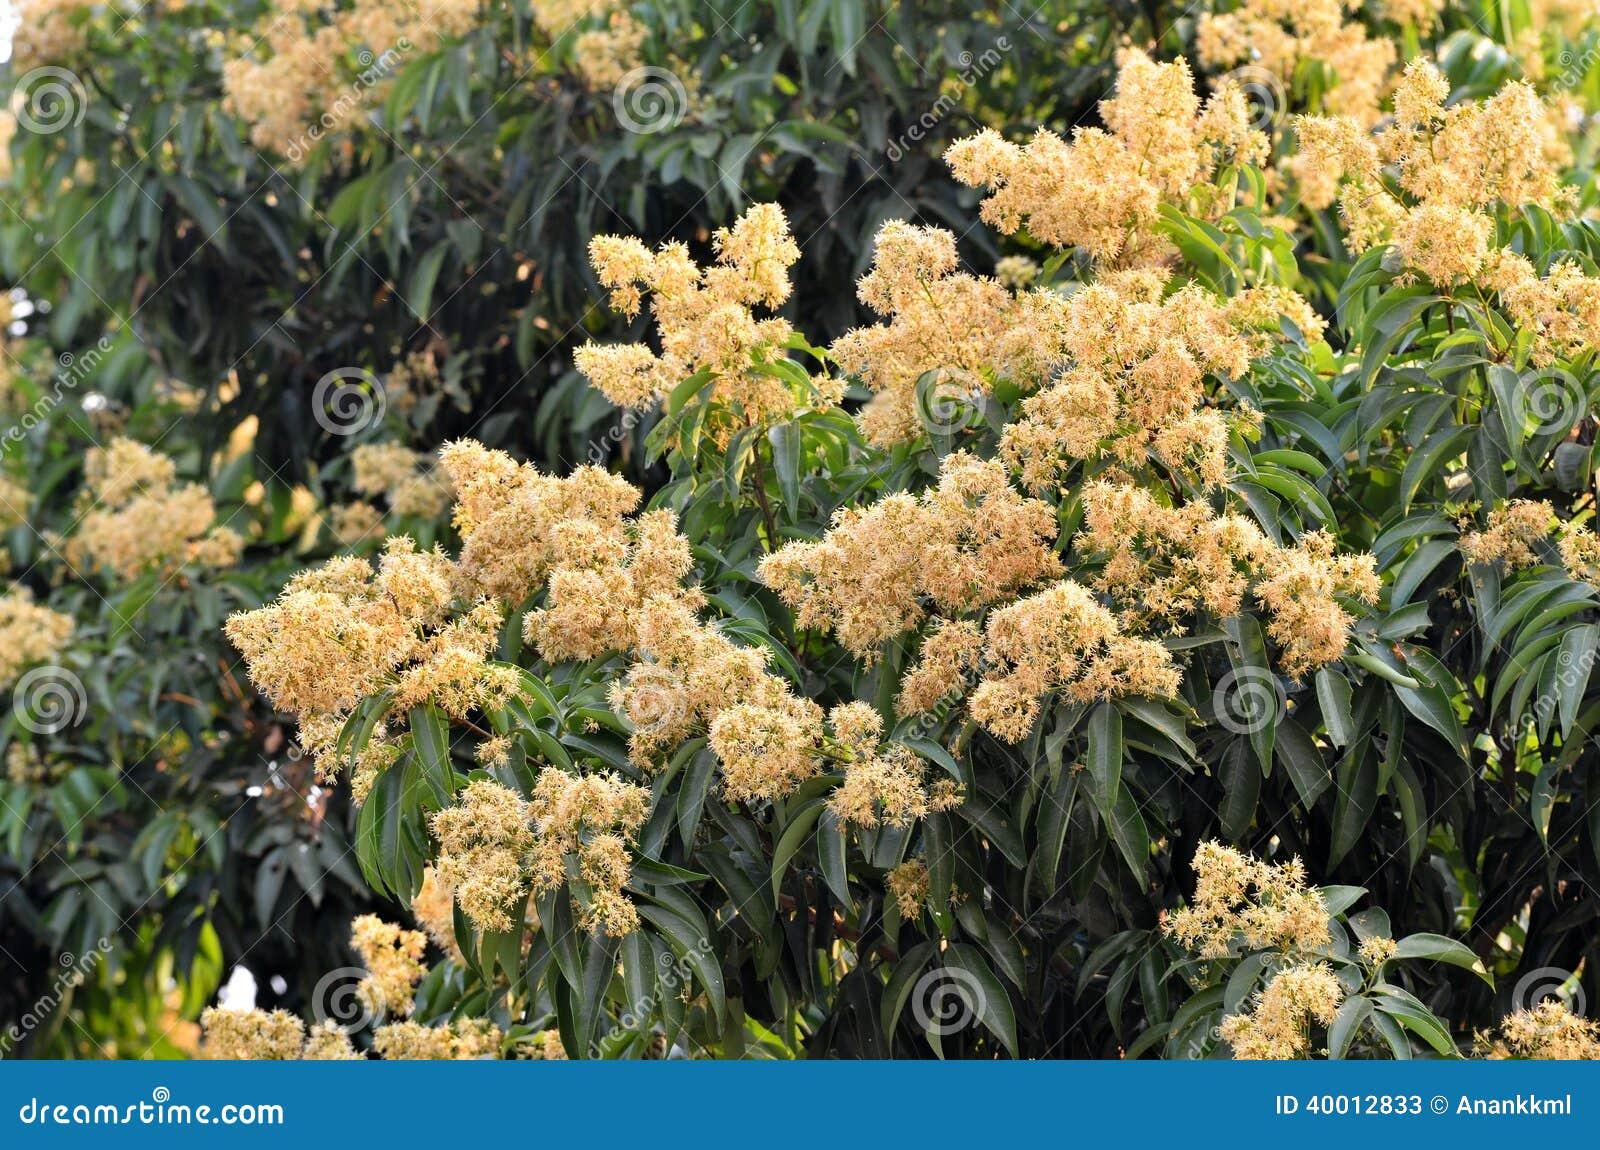 Lychee flower in lyche...